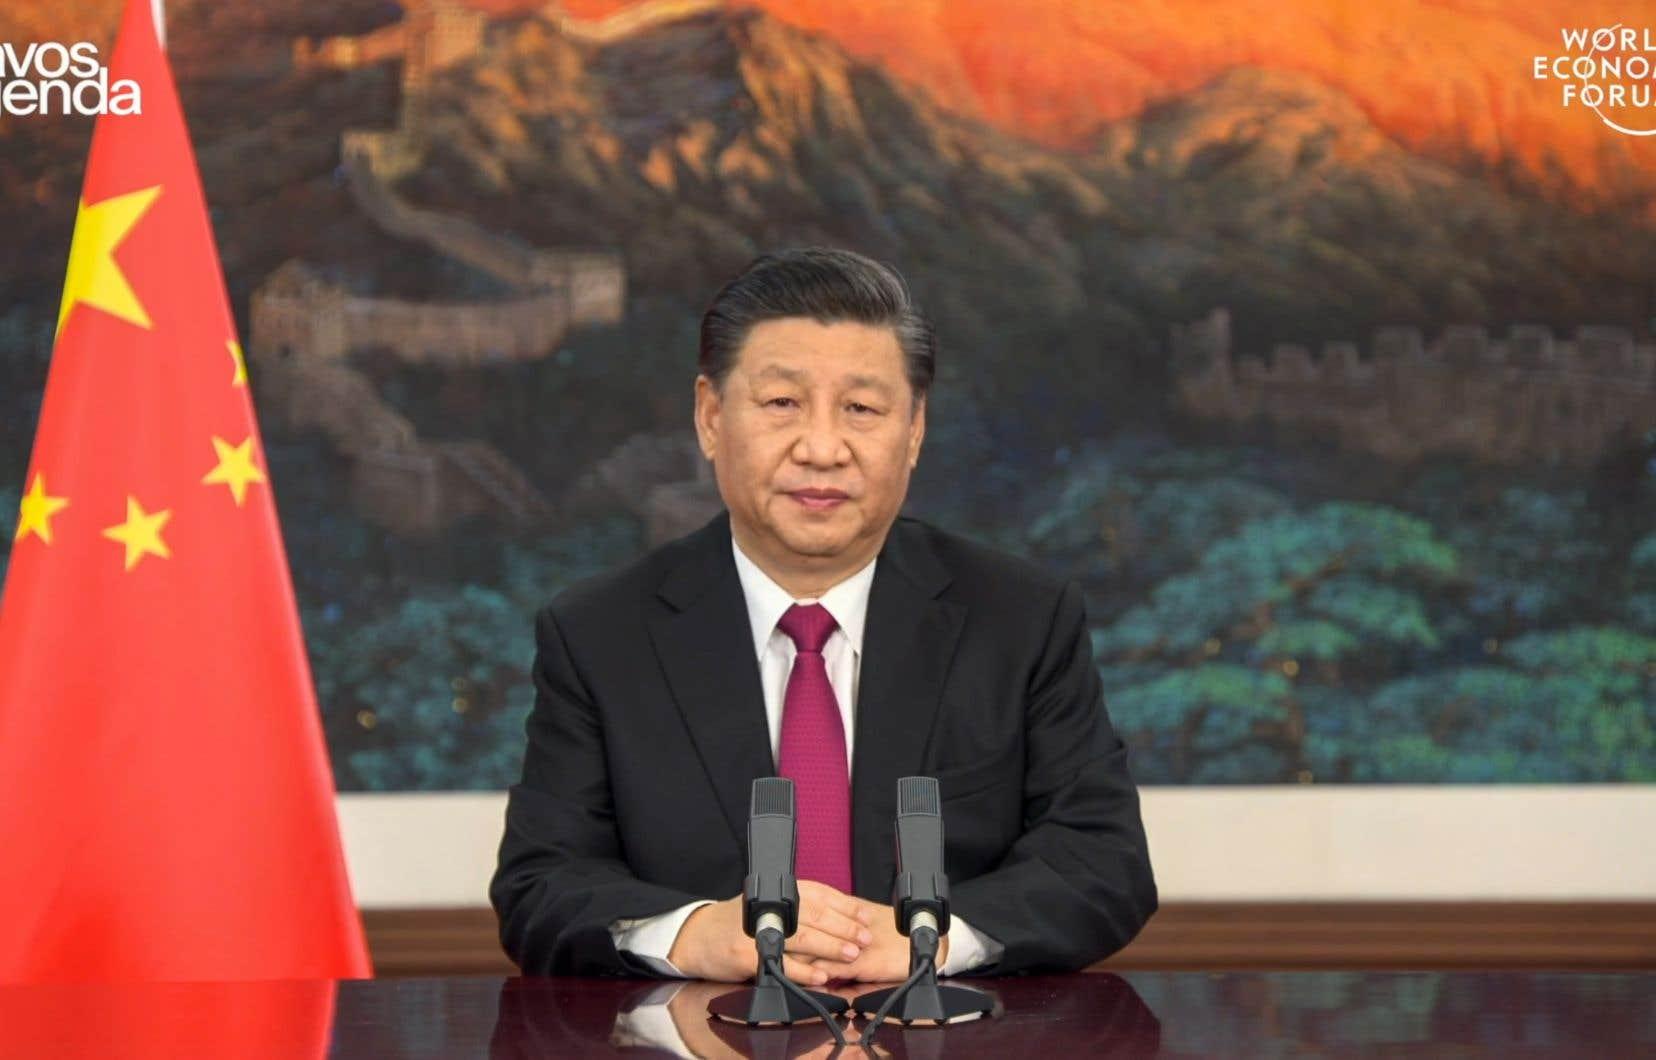 Le président chinois Xi Jinping a mis en garde le monde contre une «nouvelle guerre froide», lundi, en s'adressant par vidéo interposée au Forum économique mondial de Davos.